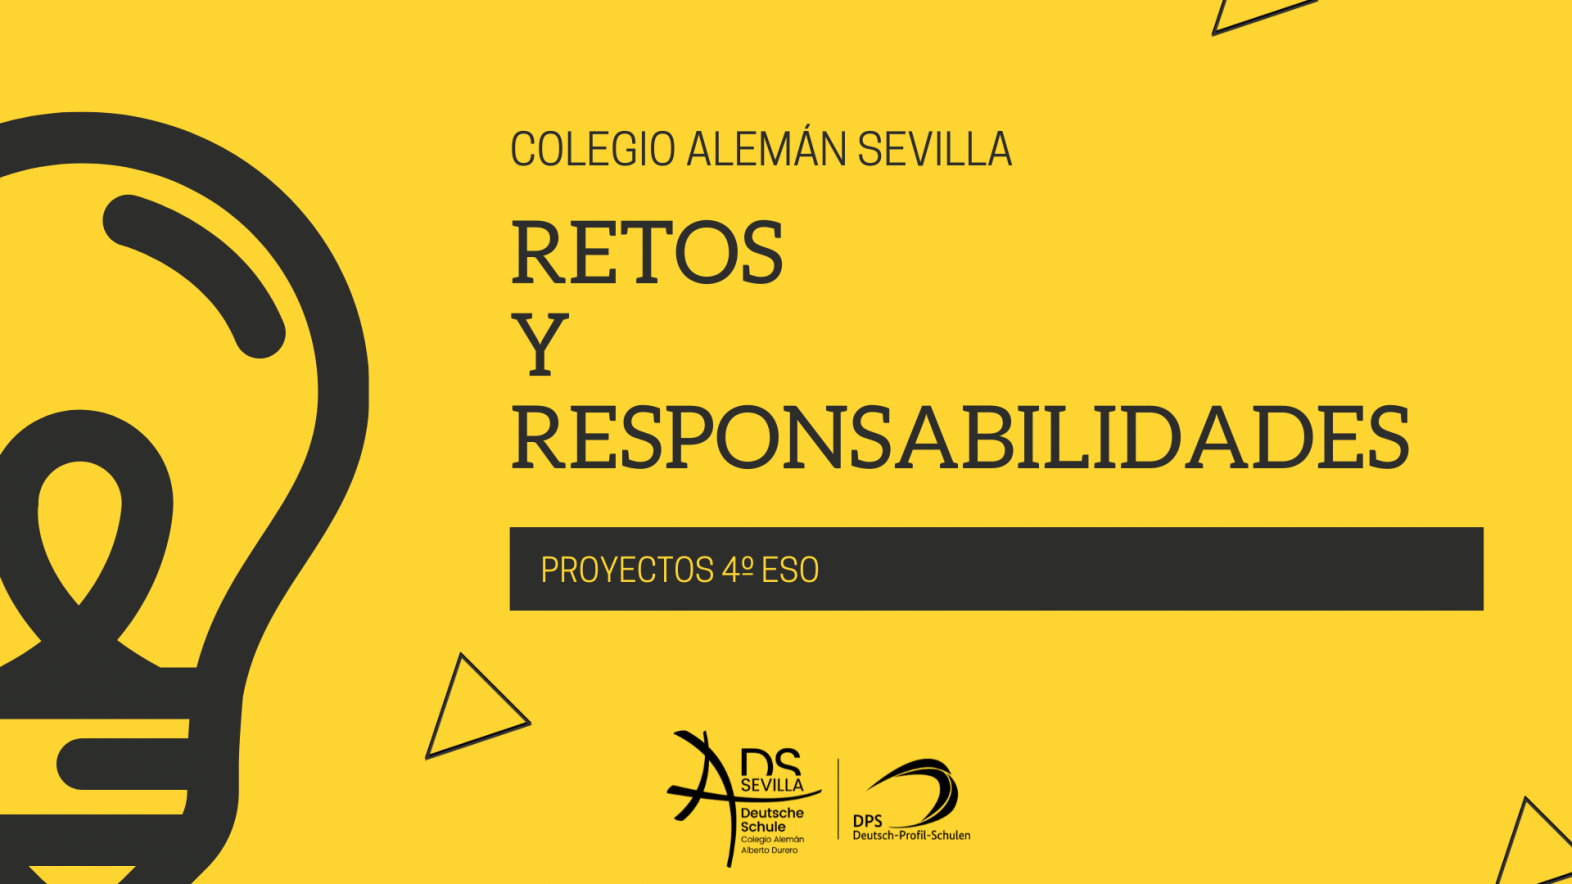 RETOS Y RESPONSABILIDADES